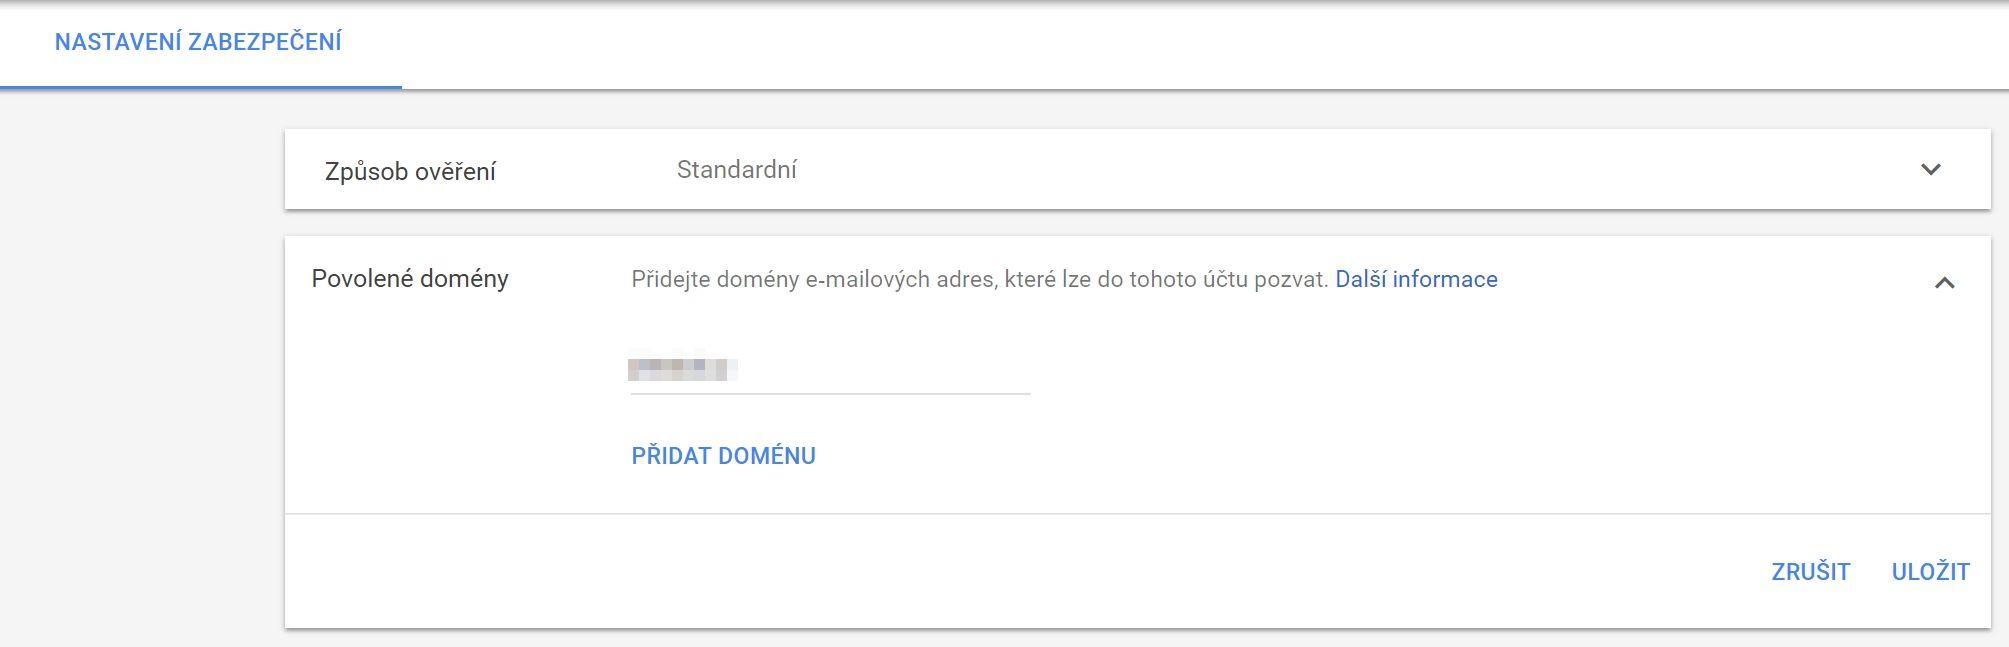 Zabezpečení Google AdWords